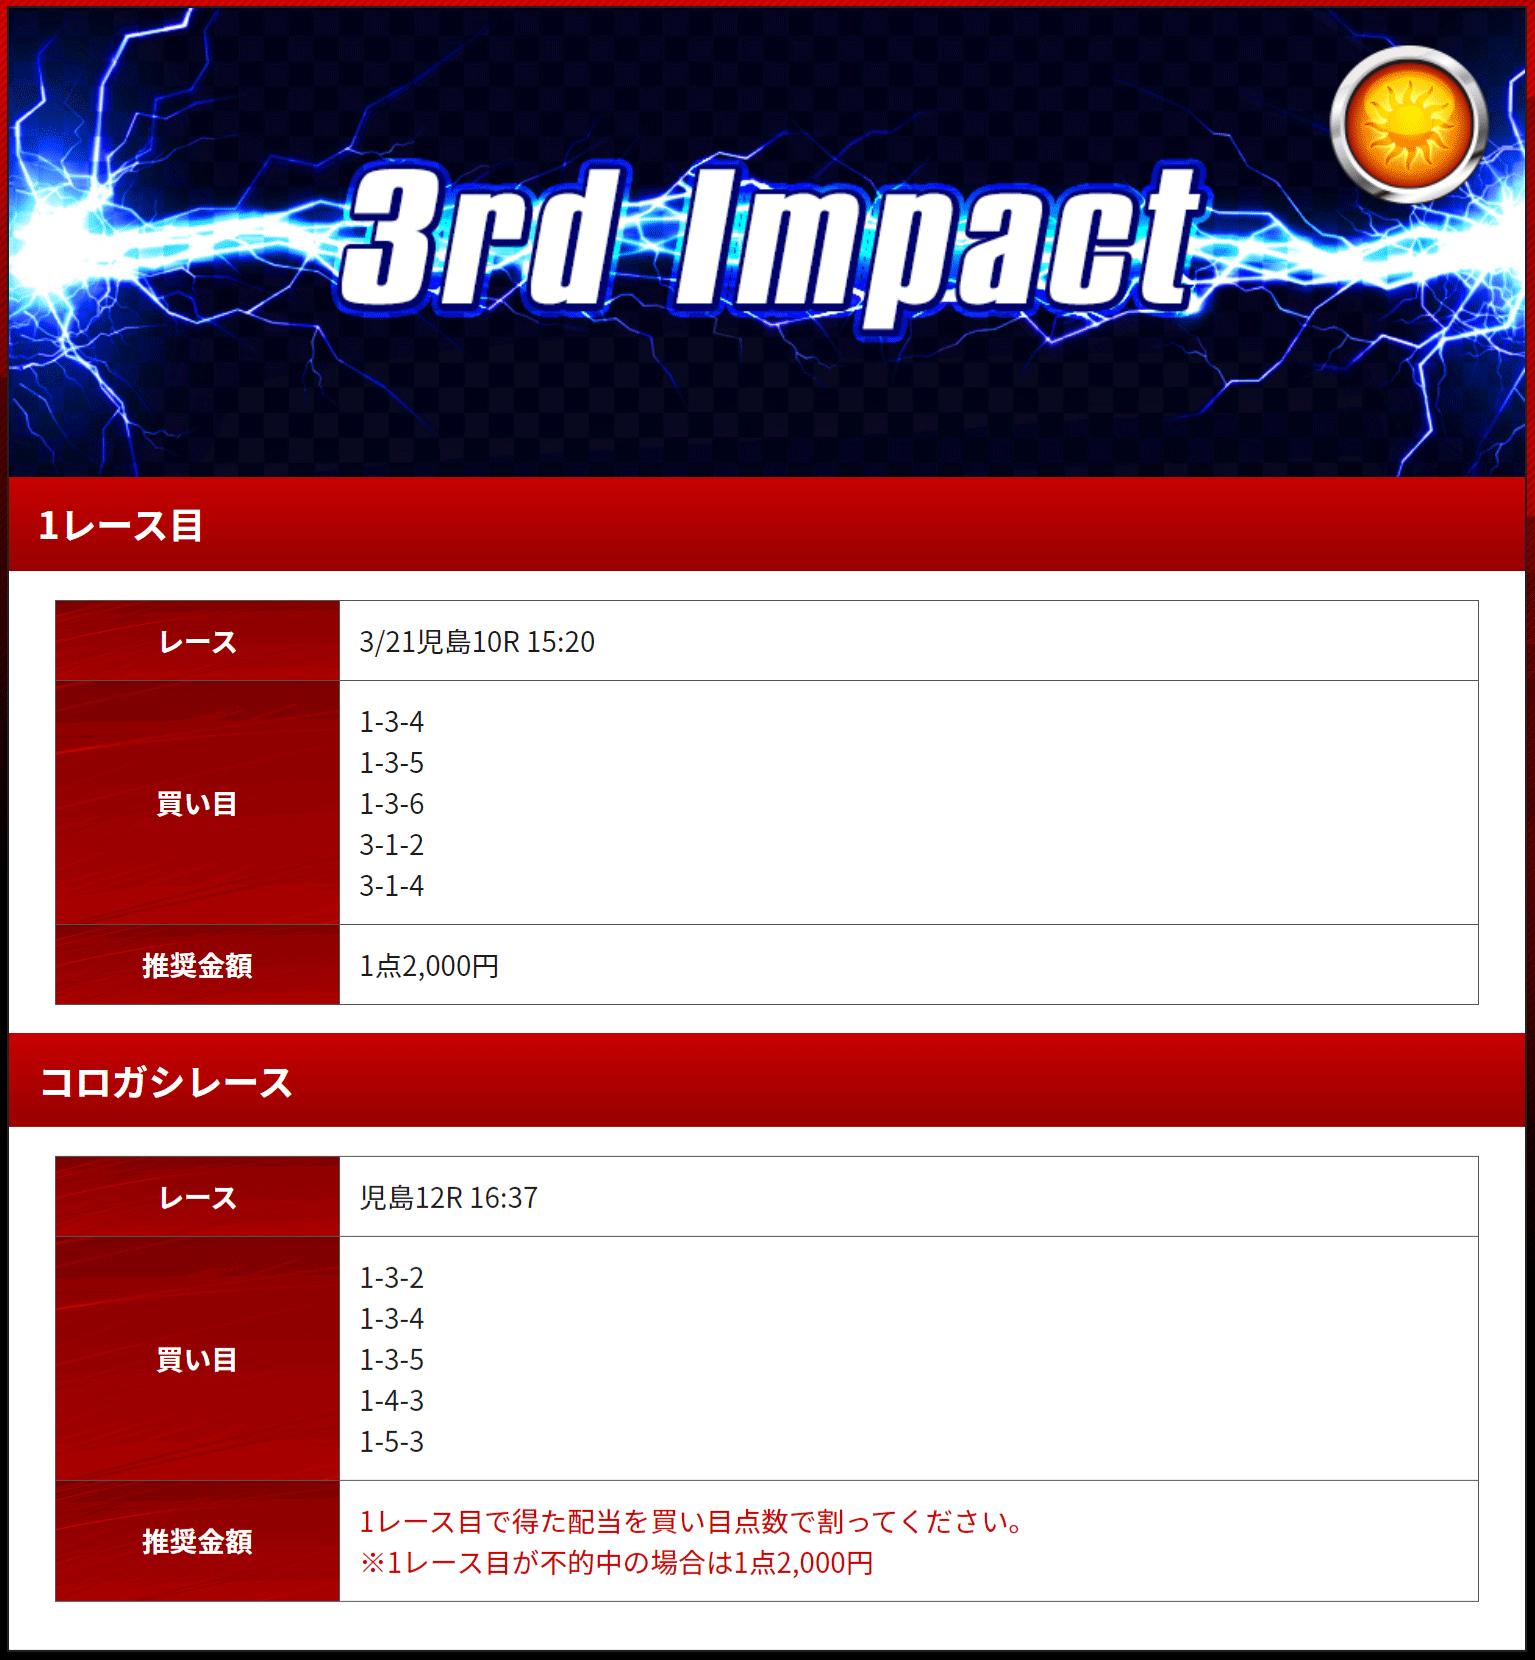 優良競艇予想サイト 競艇IMPACT(競艇インパクト)の有料プラン「3rd Impact(デイ)」2020年3月21日買い目 競艇予想サイトの口コミ検証や無料情報の予想結果も公開中